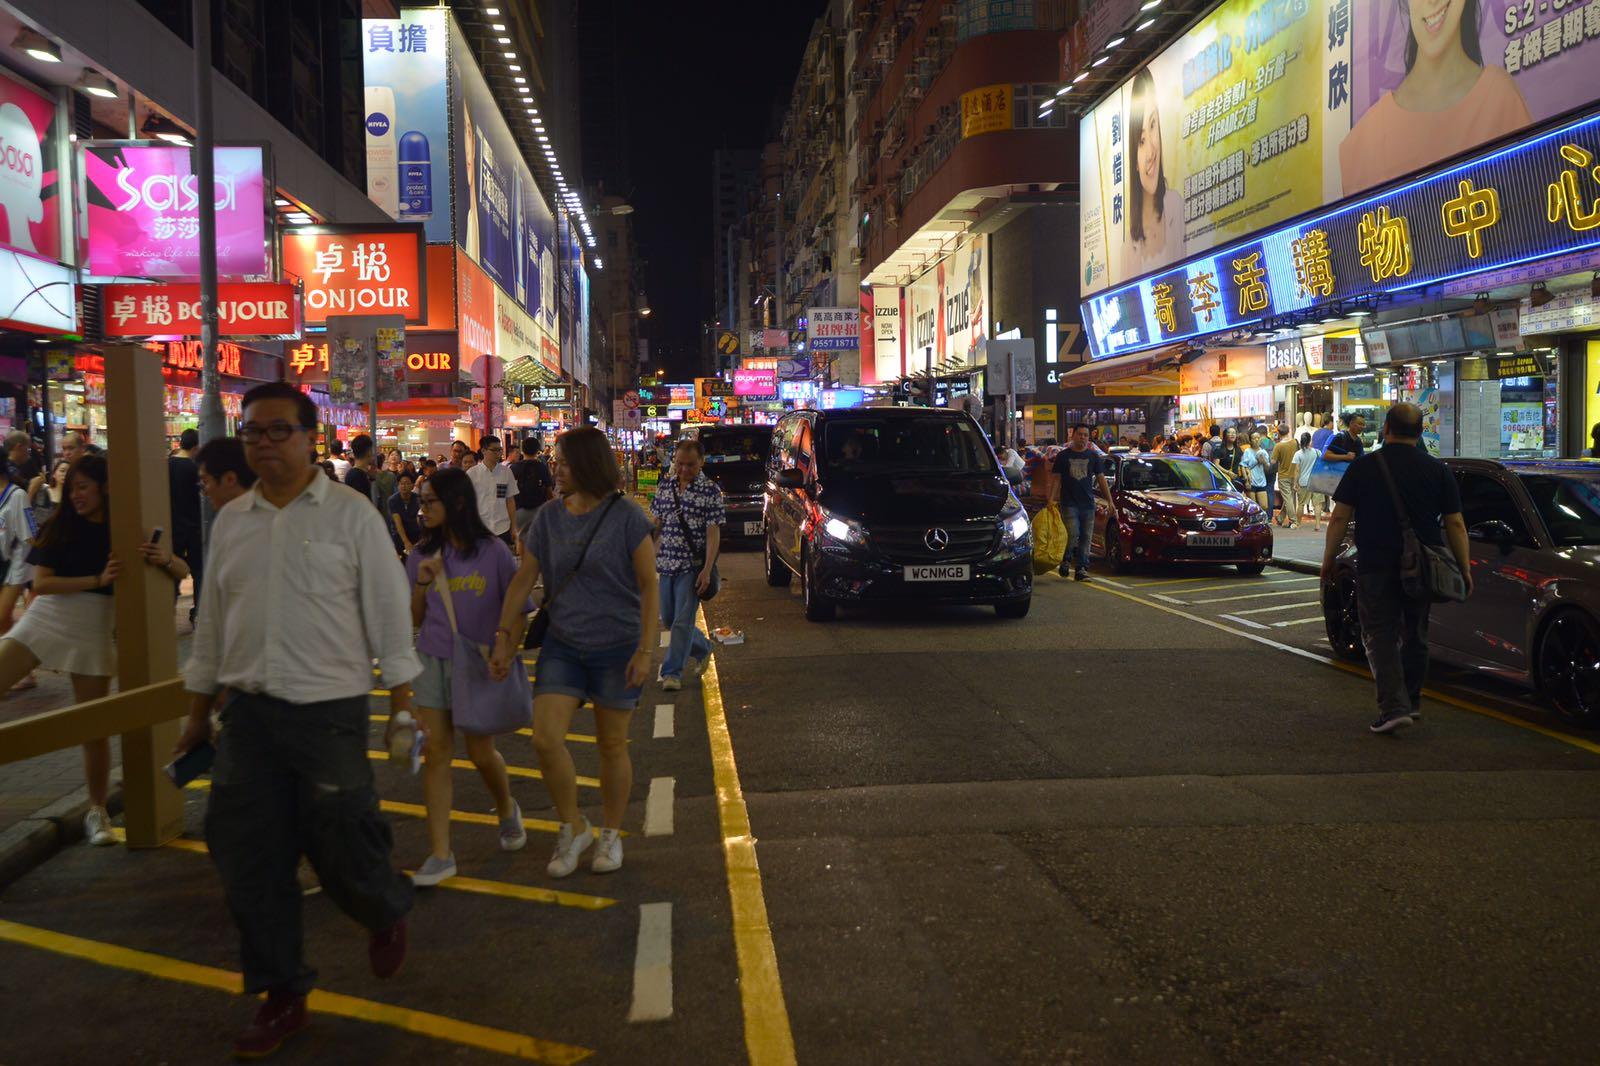 部分行人繼續在馬路上行走。梁譽東攝